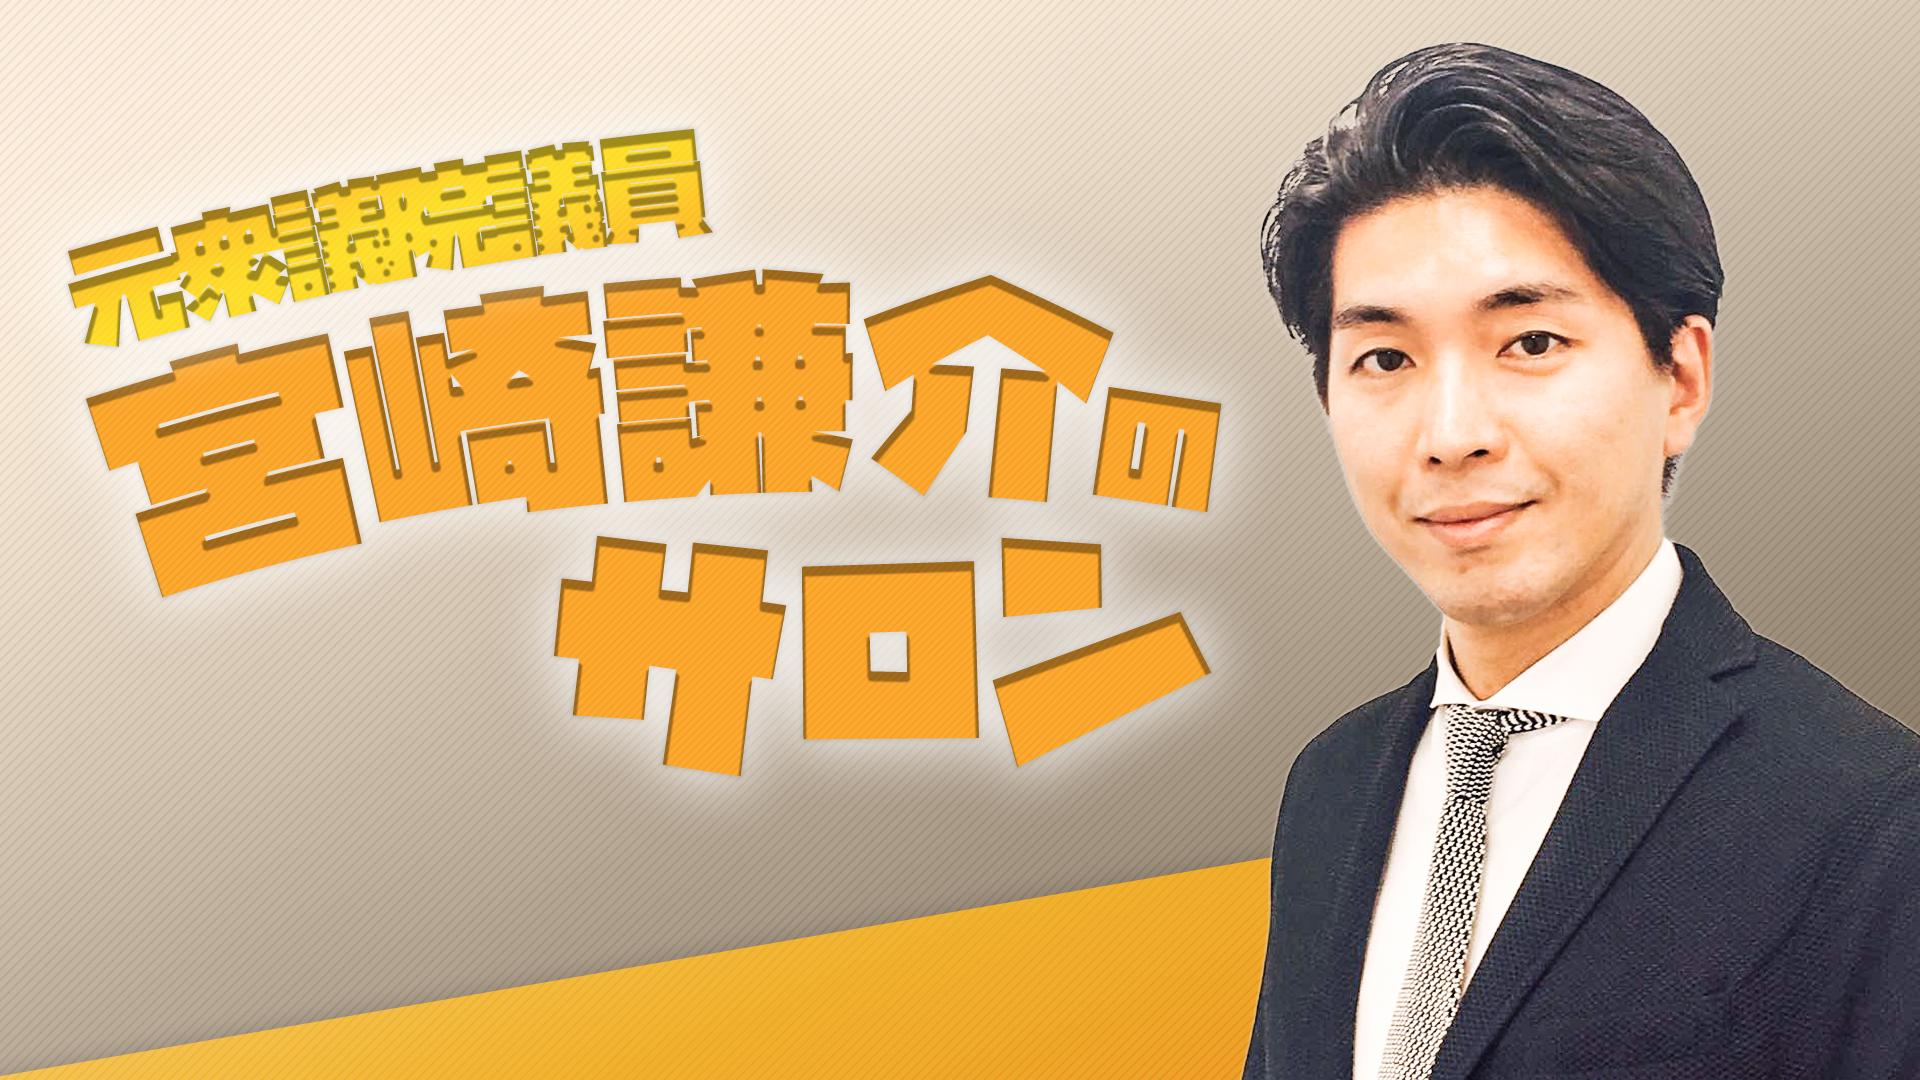 宮崎謙介 - 元衆議院議員 宮崎謙介のサロン - DMM オンラインサロン